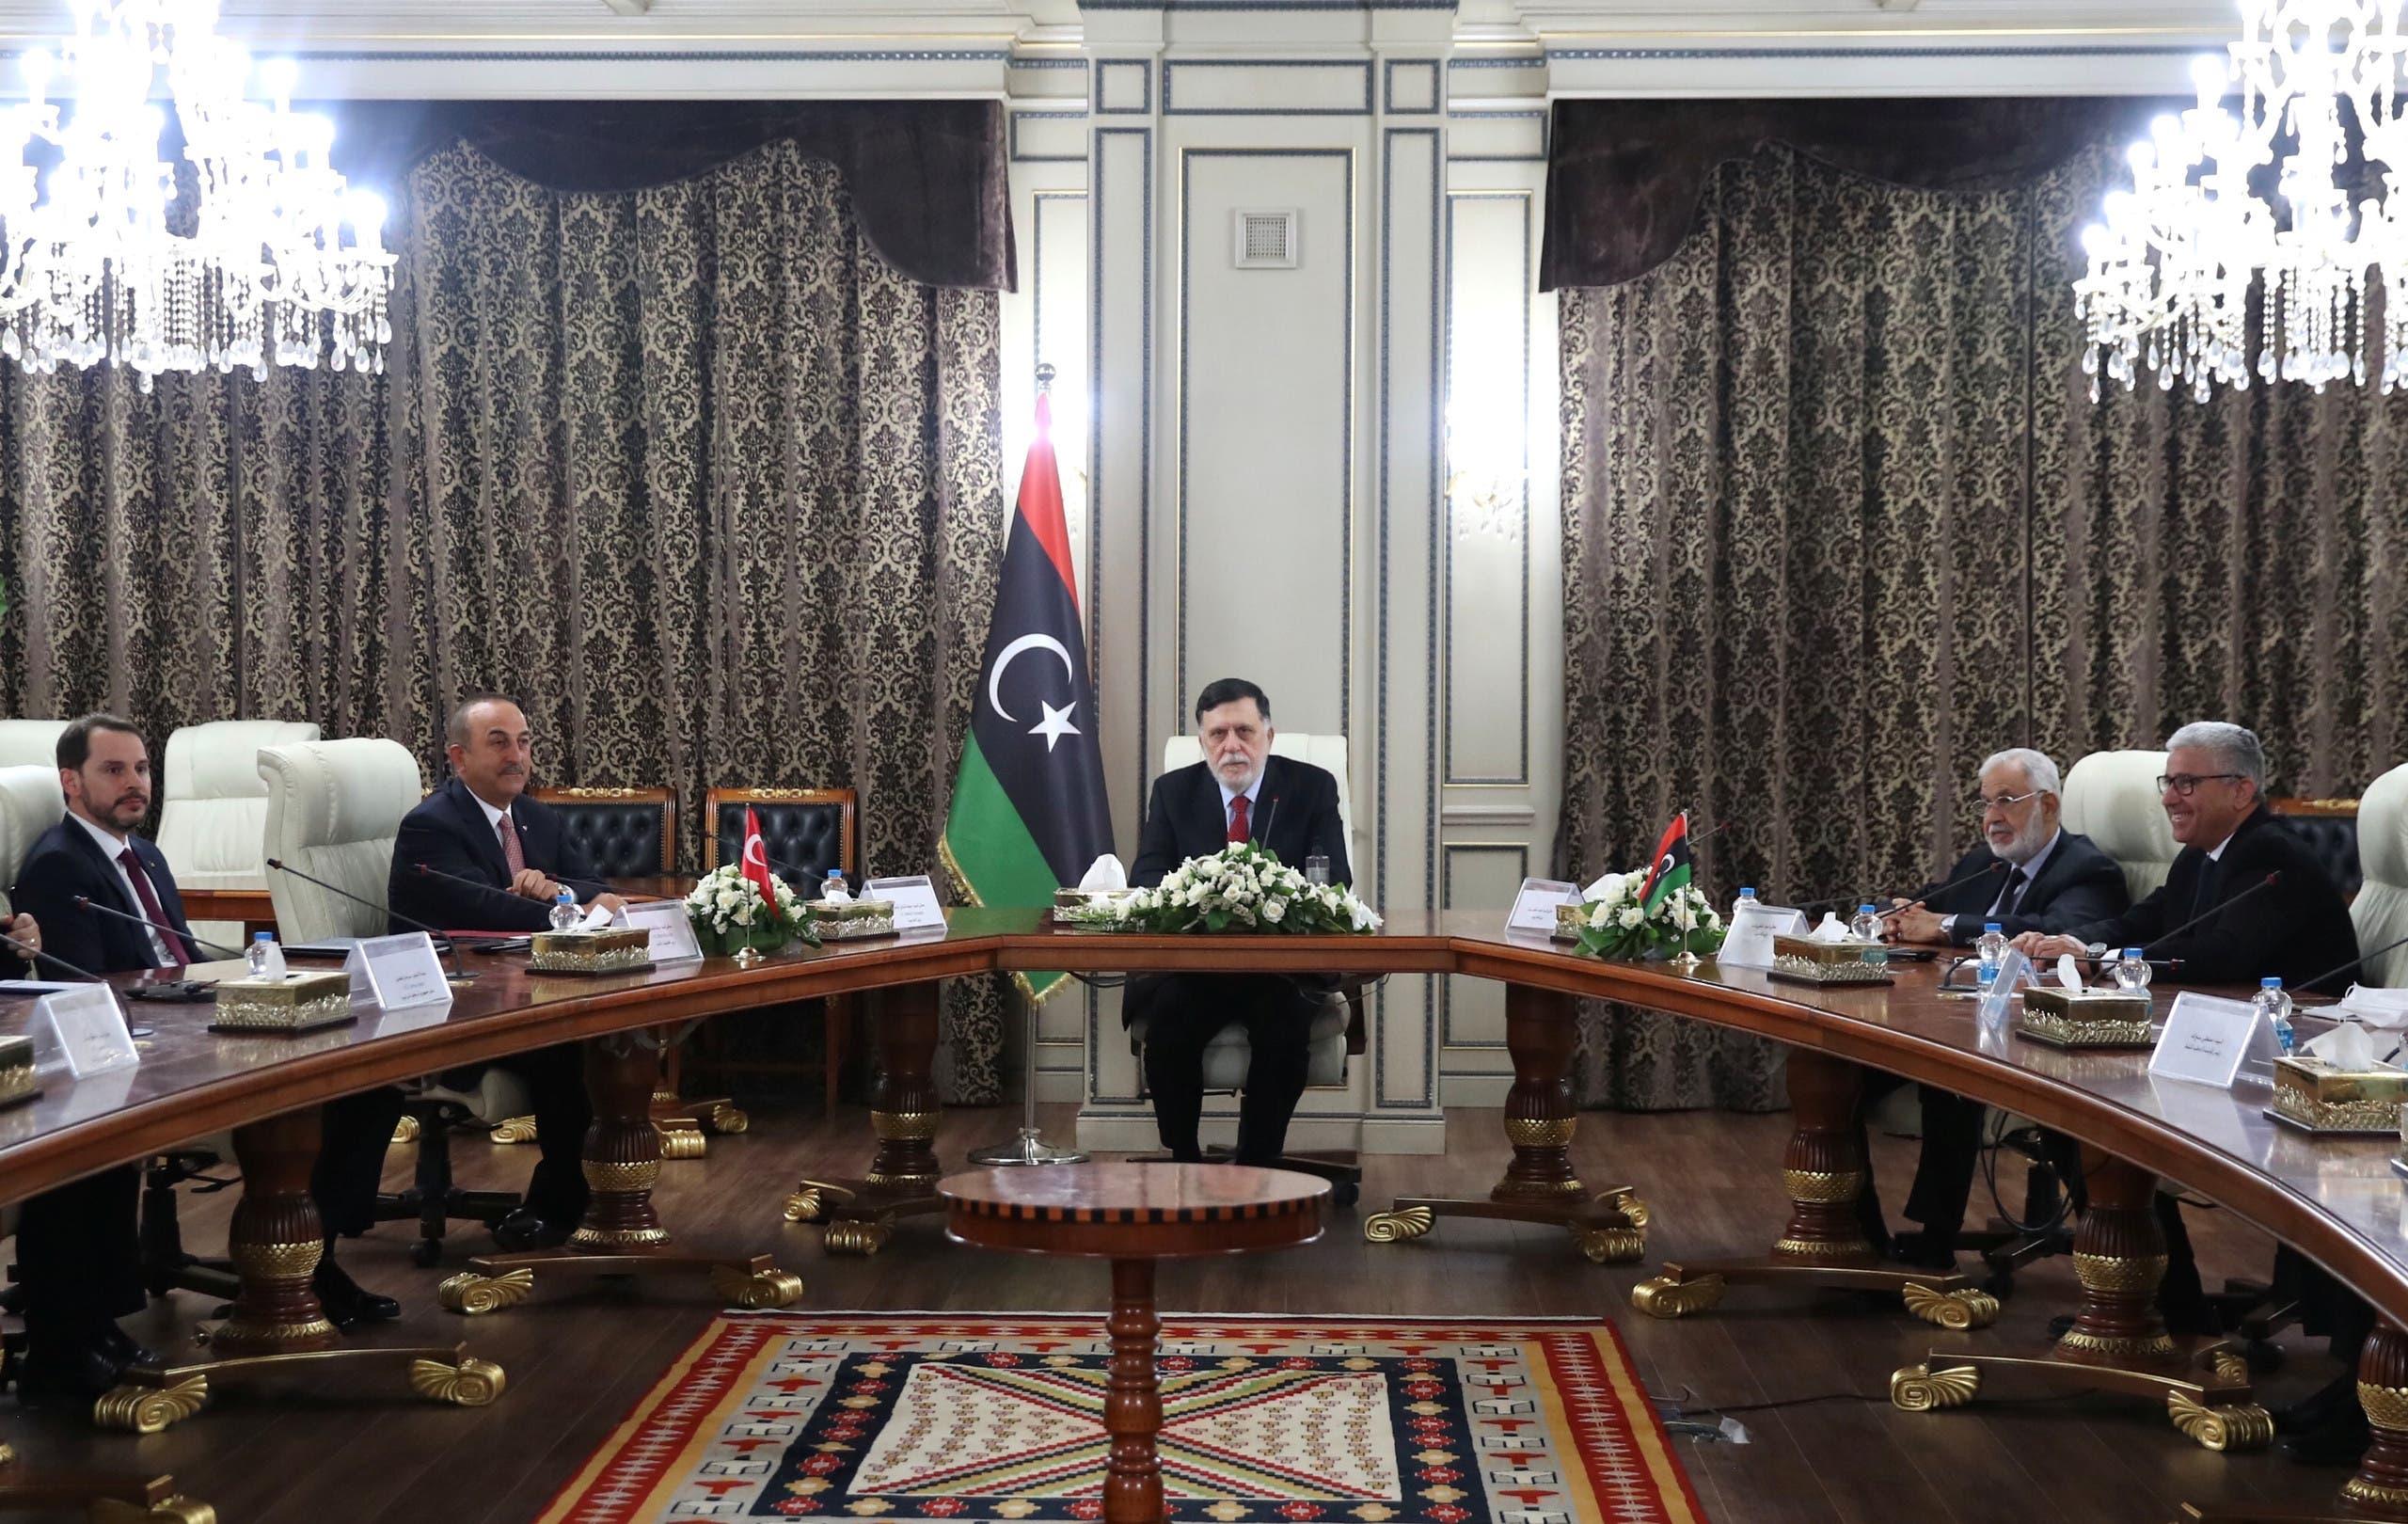 رئيس حكومة الوفاق فايز السراج خلال لقائه الوفد التركي في طرابلس (أرشيفية- رويترز)